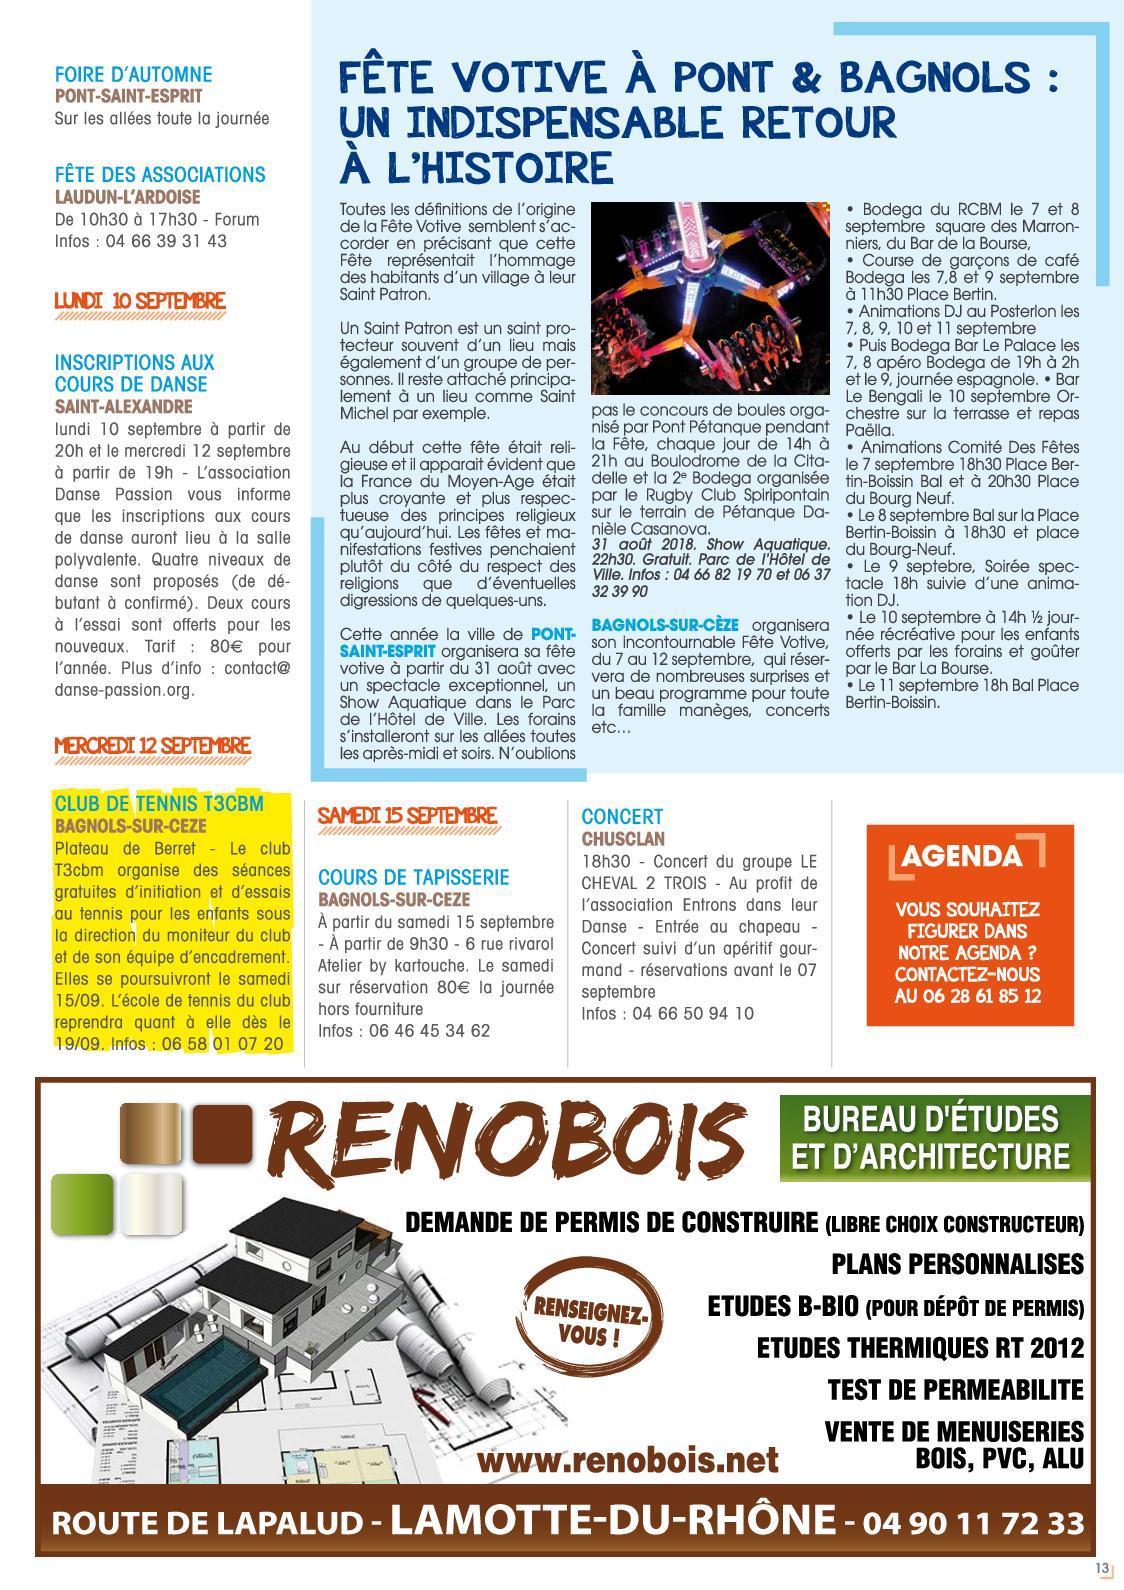 Salon De Jardin Alu Et Bois Luxe Tv Sud N°189 Calameo Downloader Of 26 Charmant Salon De Jardin Alu Et Bois